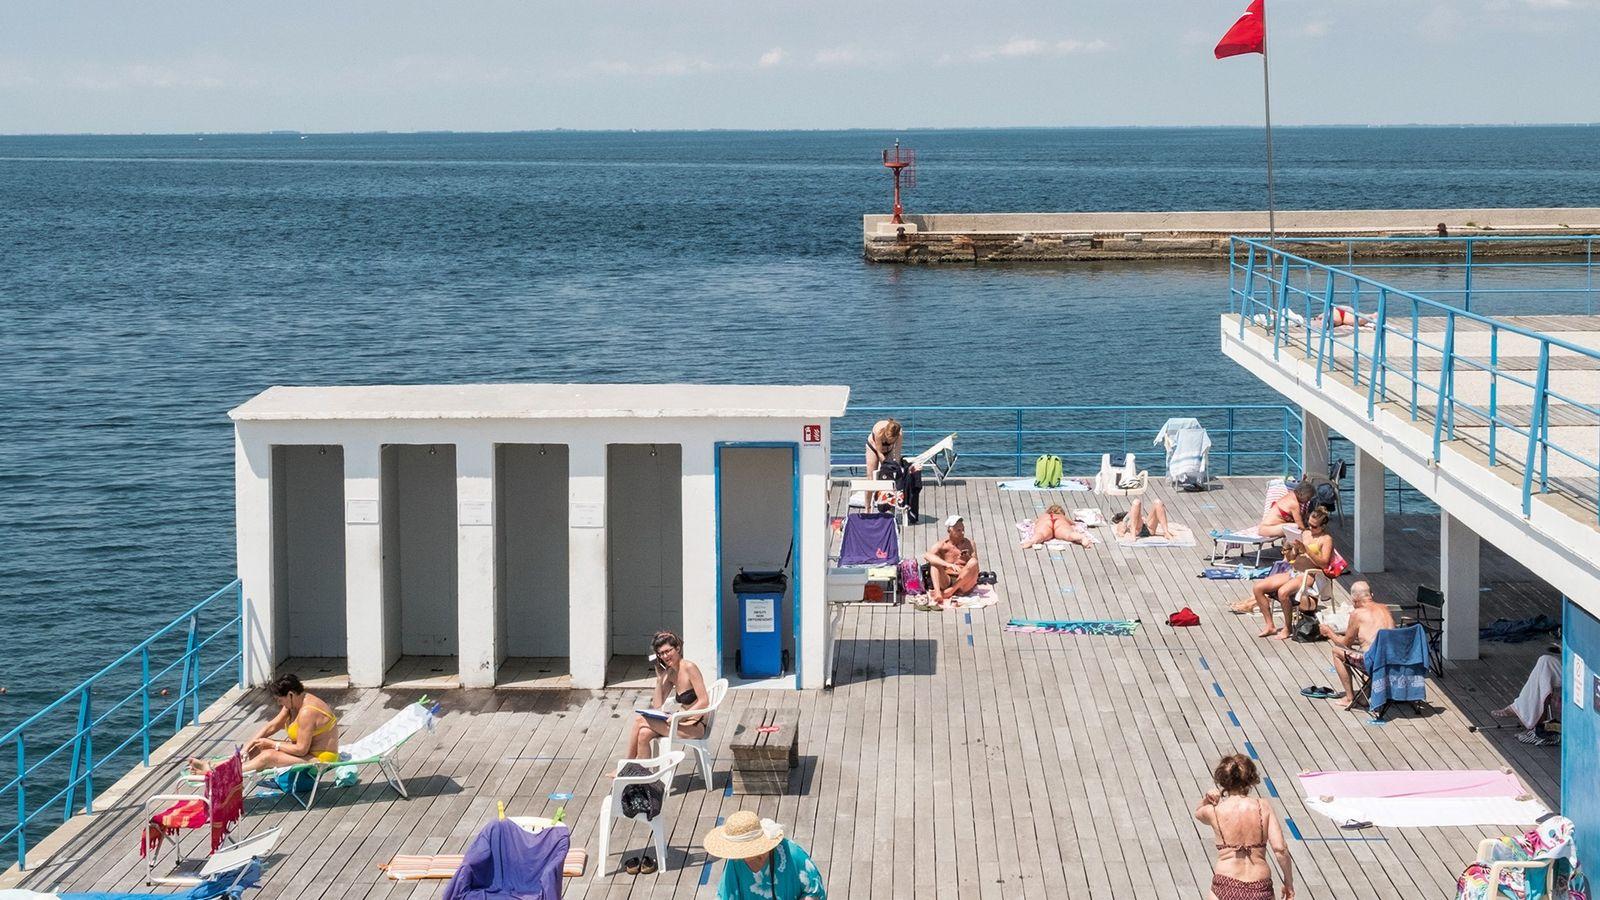 Historic Bagno Ausonia, a popular swimming spot close to Il Pedocin.